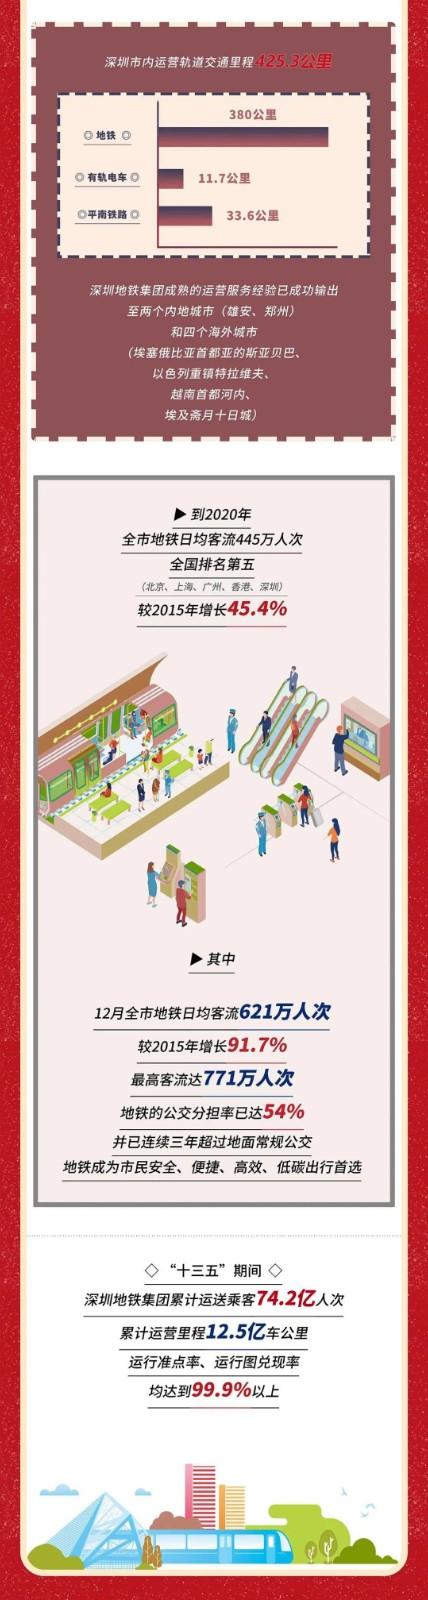 揭秘!十三五期间,深圳开通6条地铁新线、多个片区首通地铁